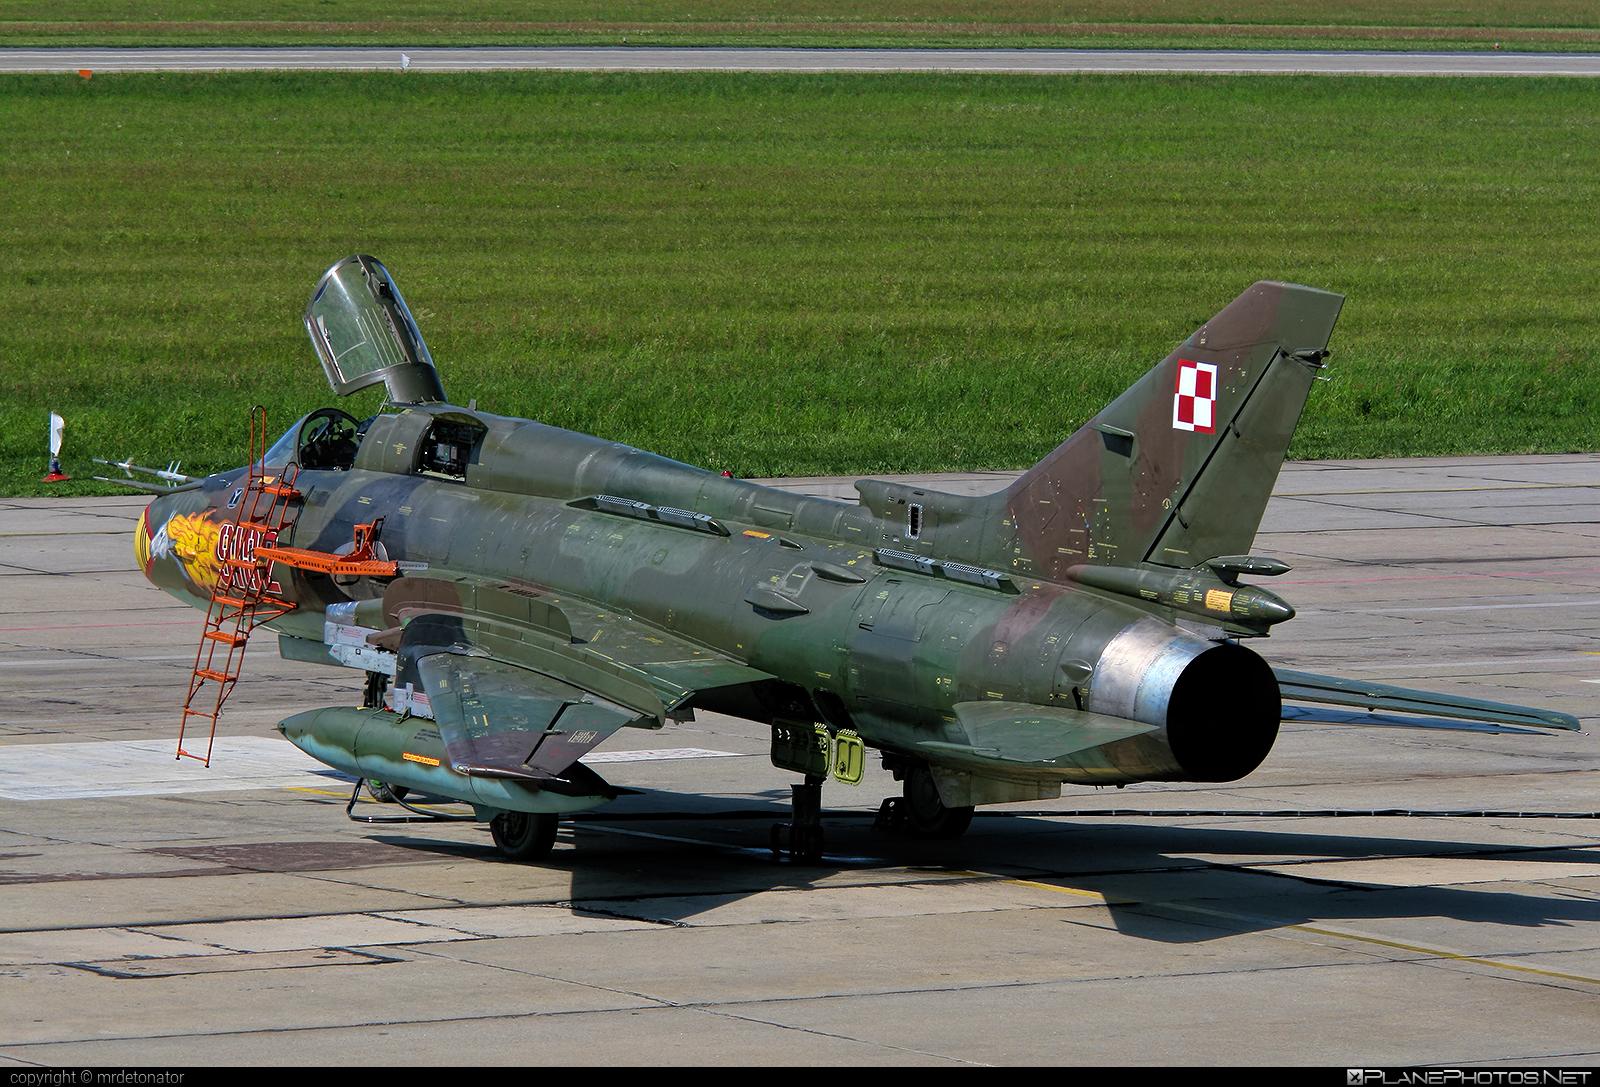 Sukhoi Su-22M4 - 9102 operated by Siły Powietrzne Rzeczypospolitej Polskiej (Polish Air Force) #polishairforce #silypowietrzne #sukhoi